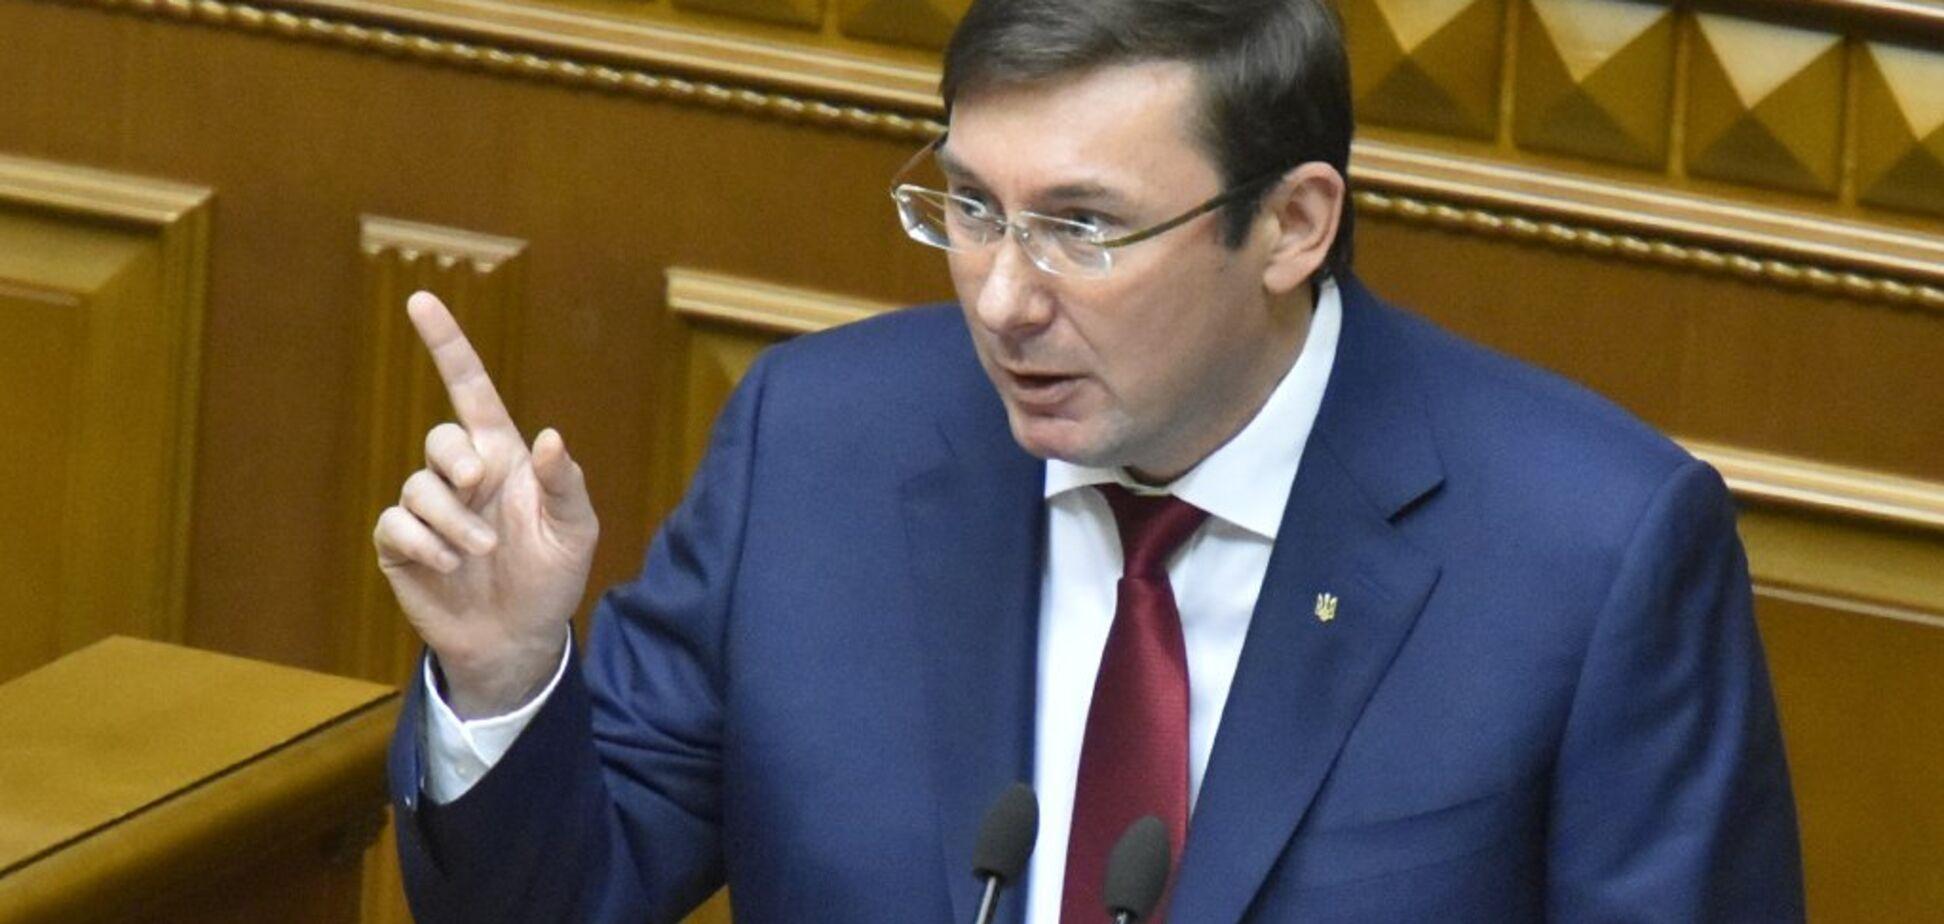 Выборы в Украине: Луценко объяснил, когда и за что можно задерживать агитаторов